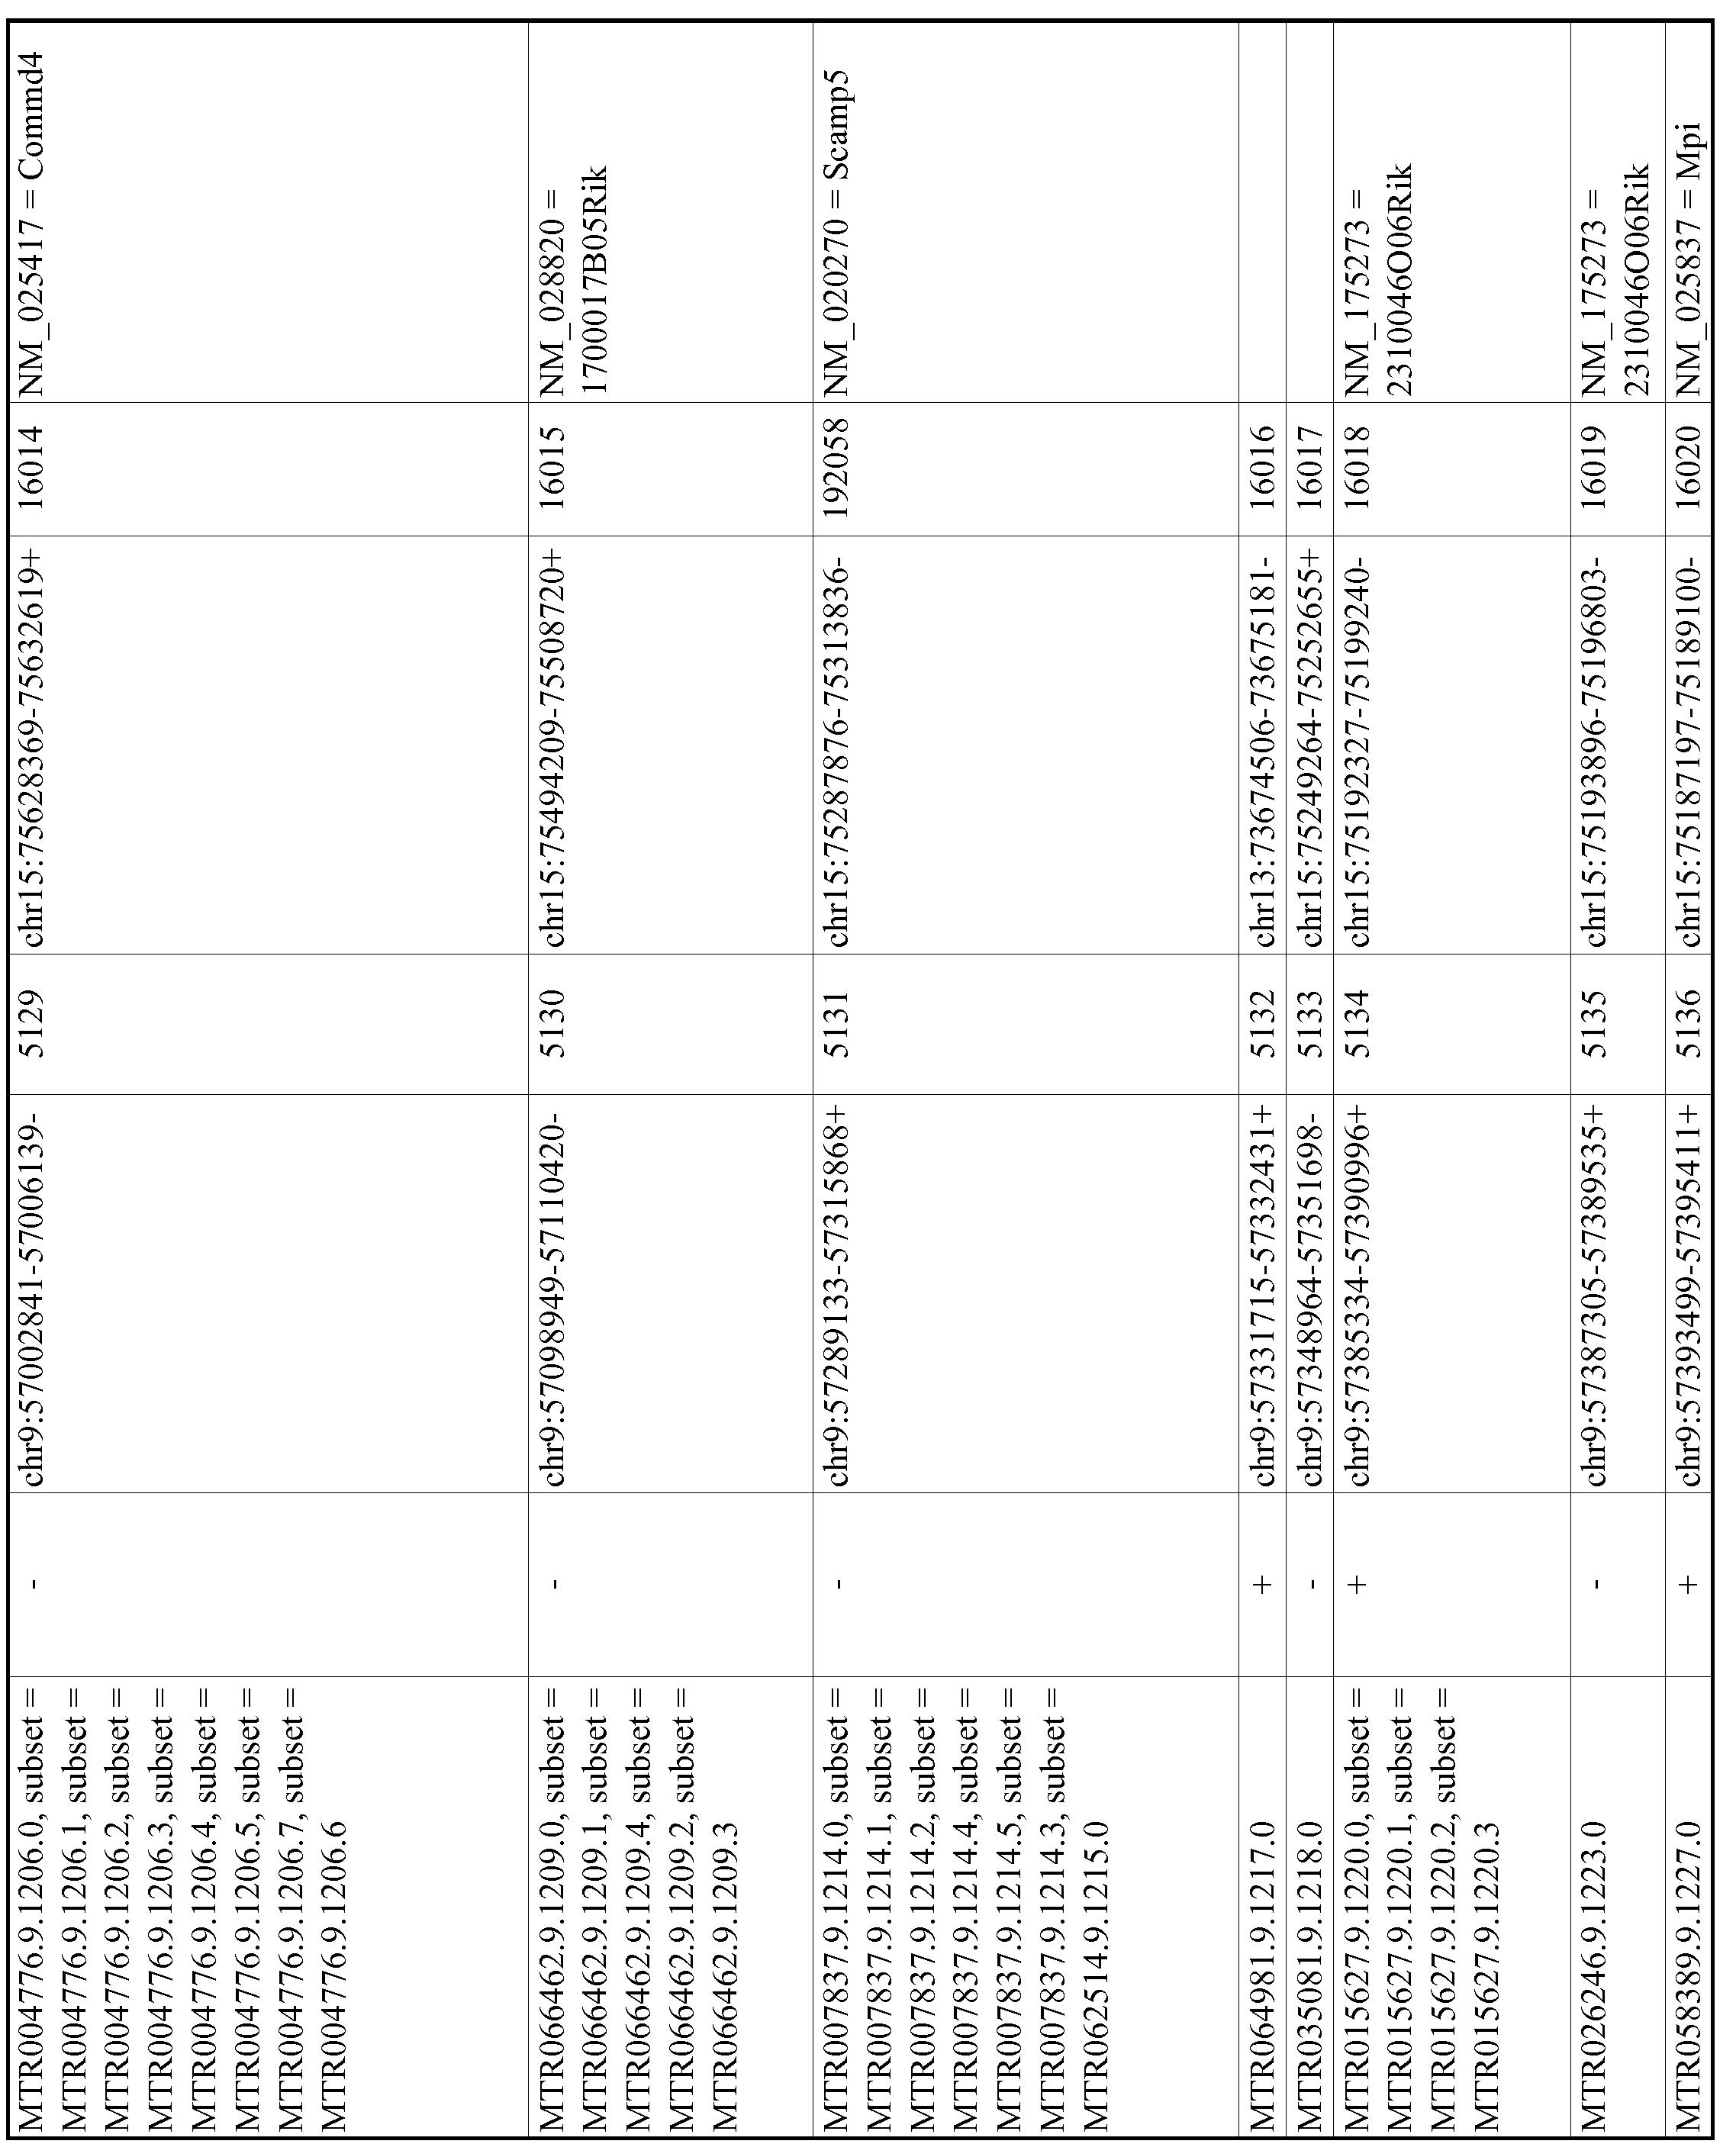 Figure imgf000935_0001